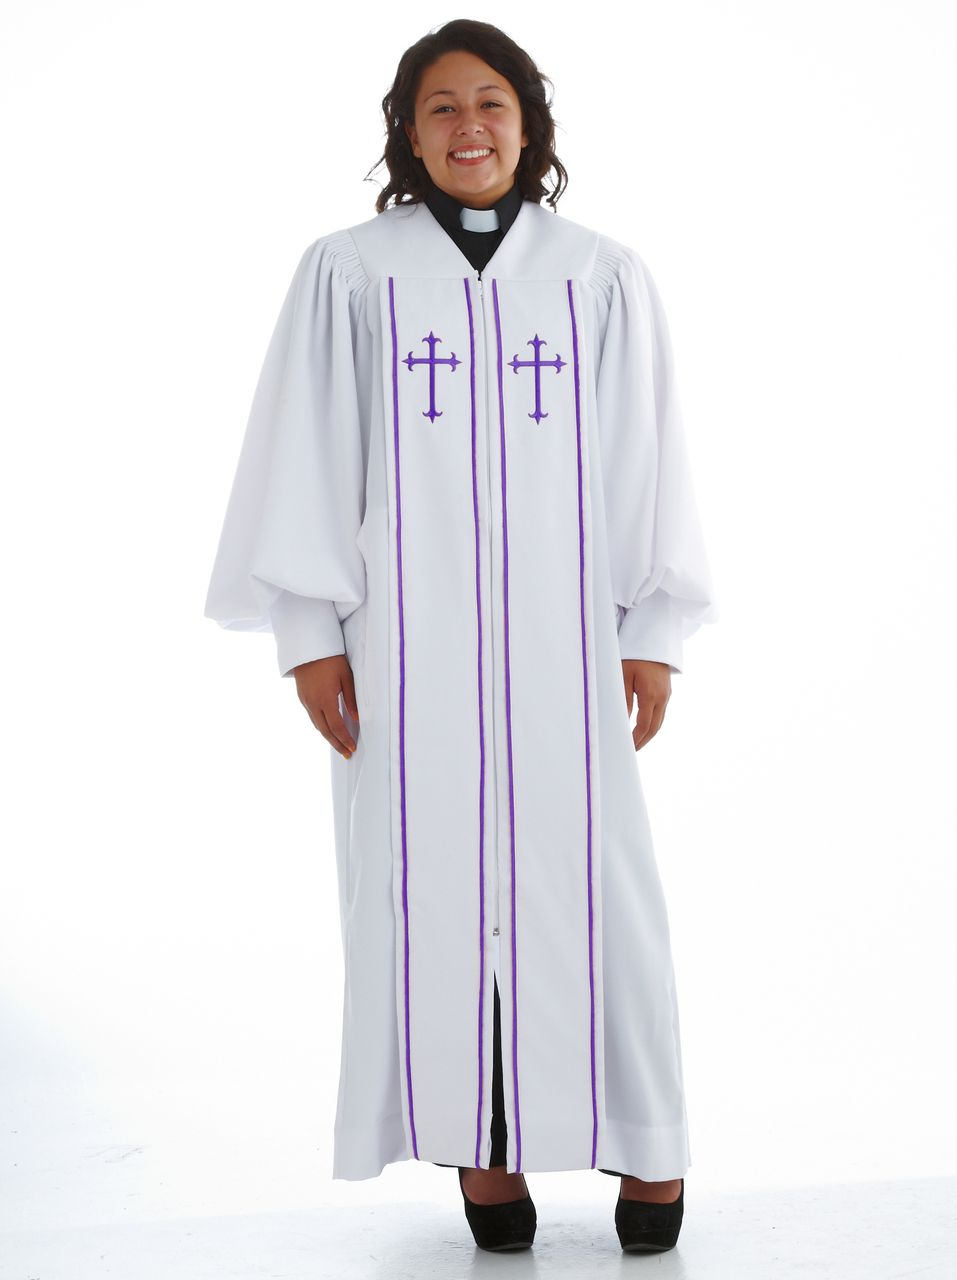 929 P. Men's & Women's Clergy Robe - White/Purple